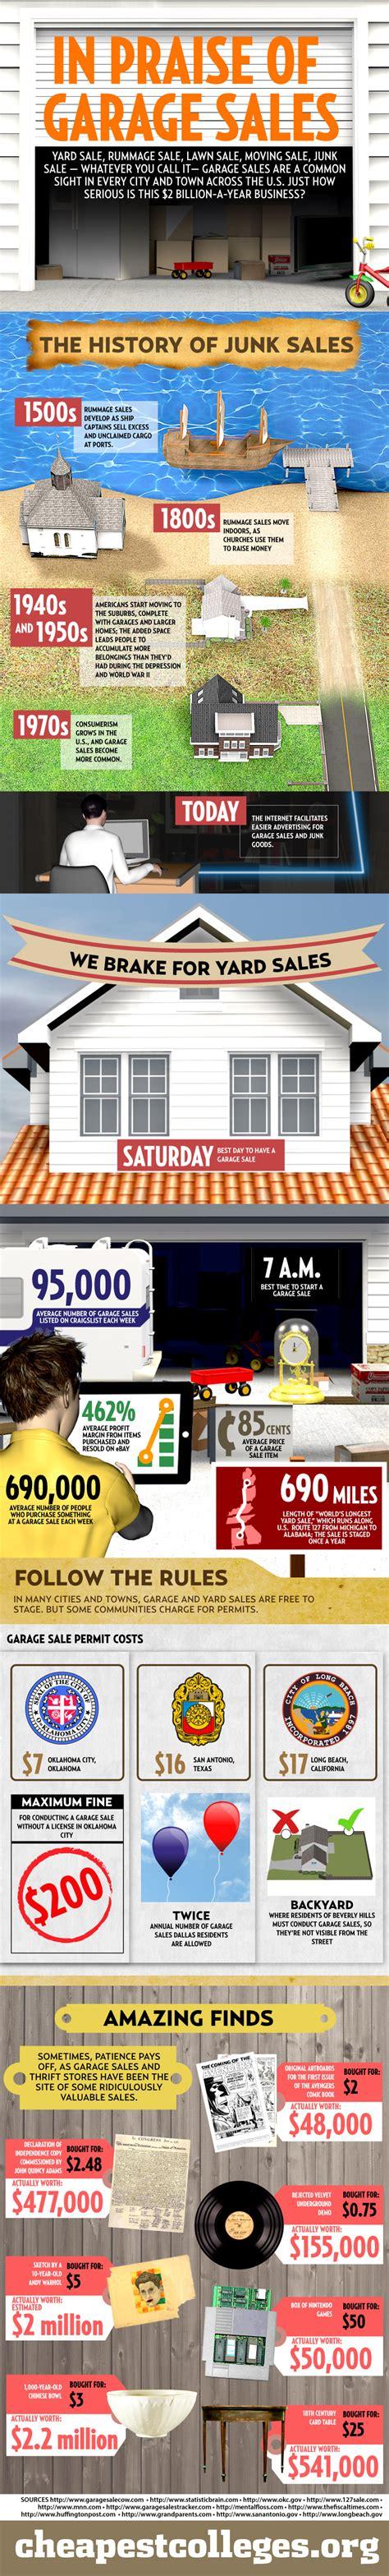 Garage Sales Website In Praise Of Garage Sales